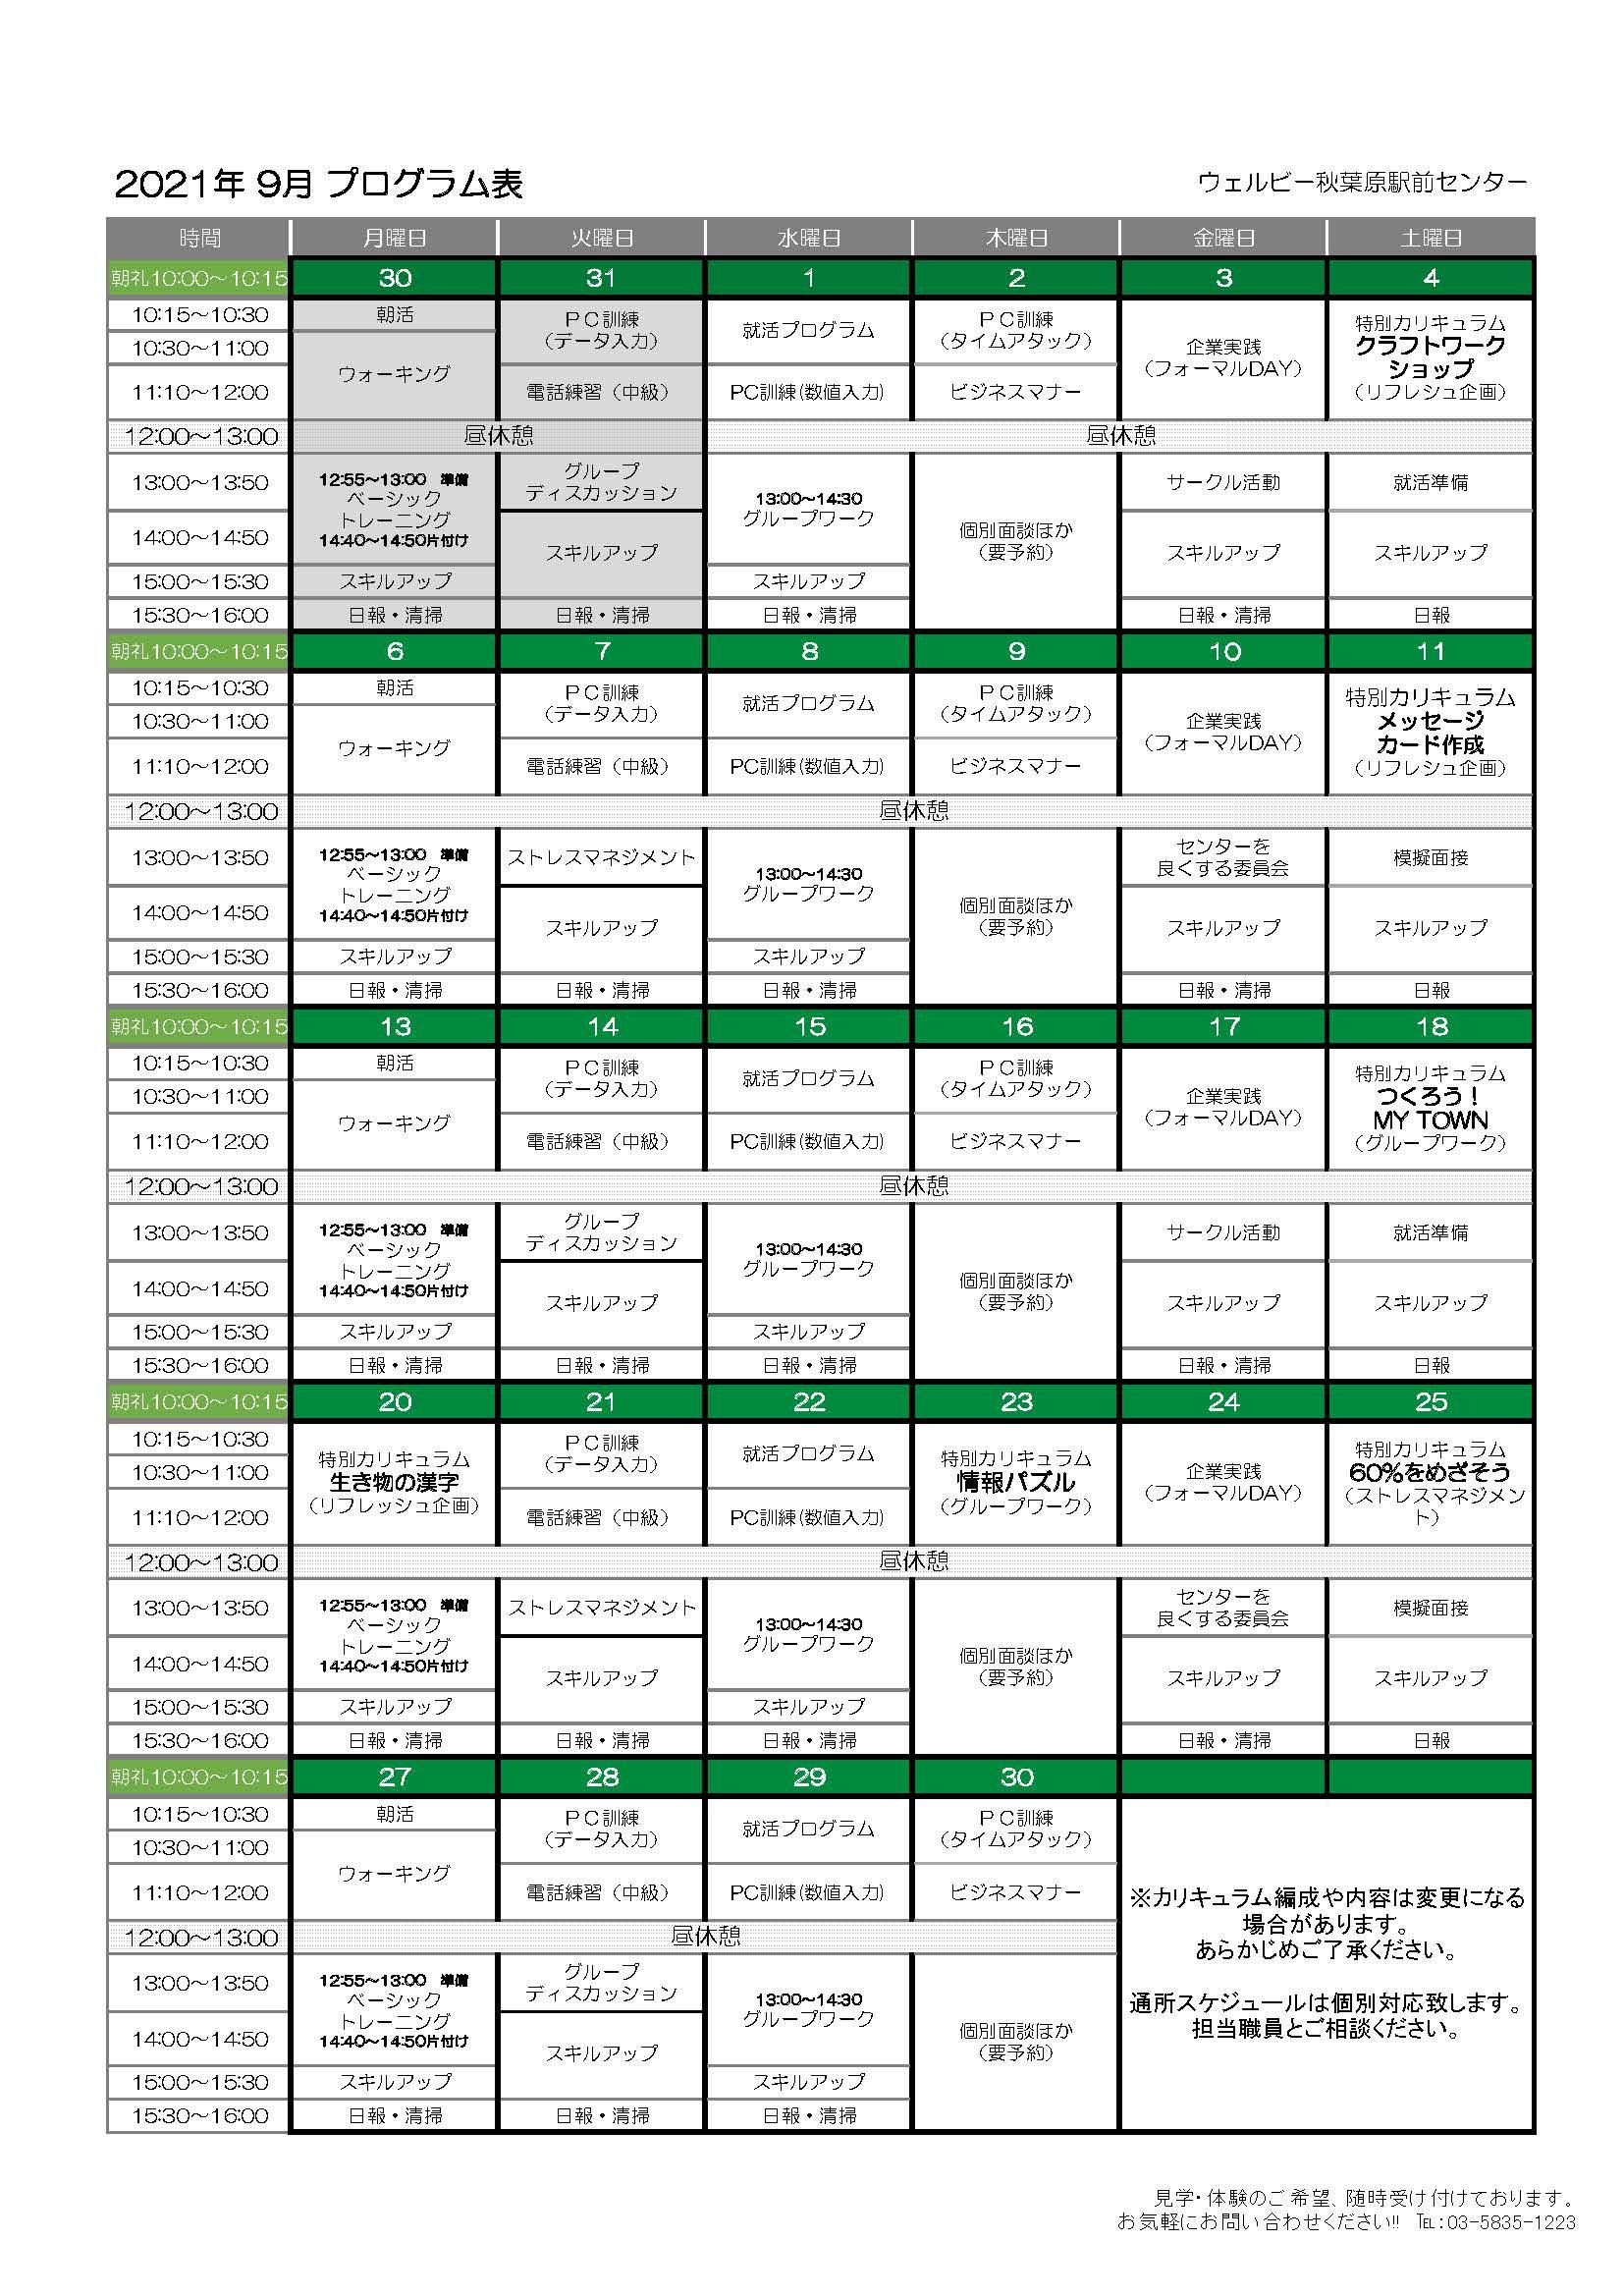 ウェルビー秋葉原駅前センター月間プログラム表(9月)